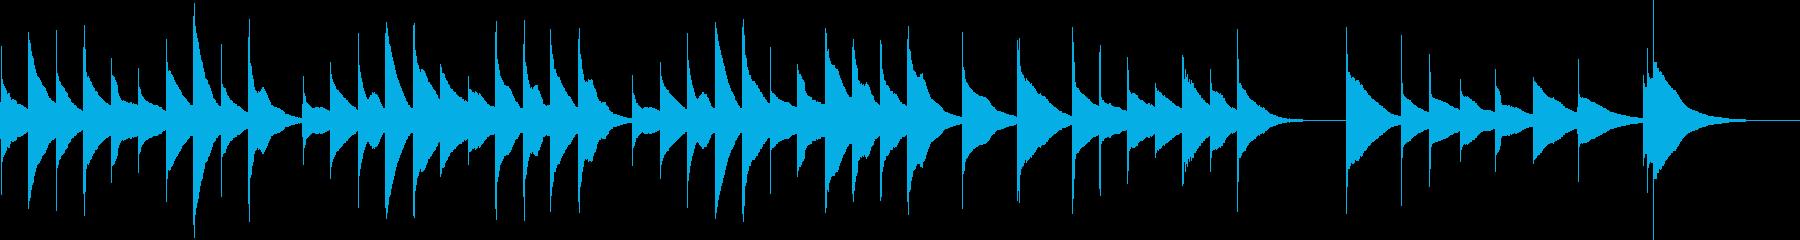 オルゴールの優しいショートミュージックの再生済みの波形